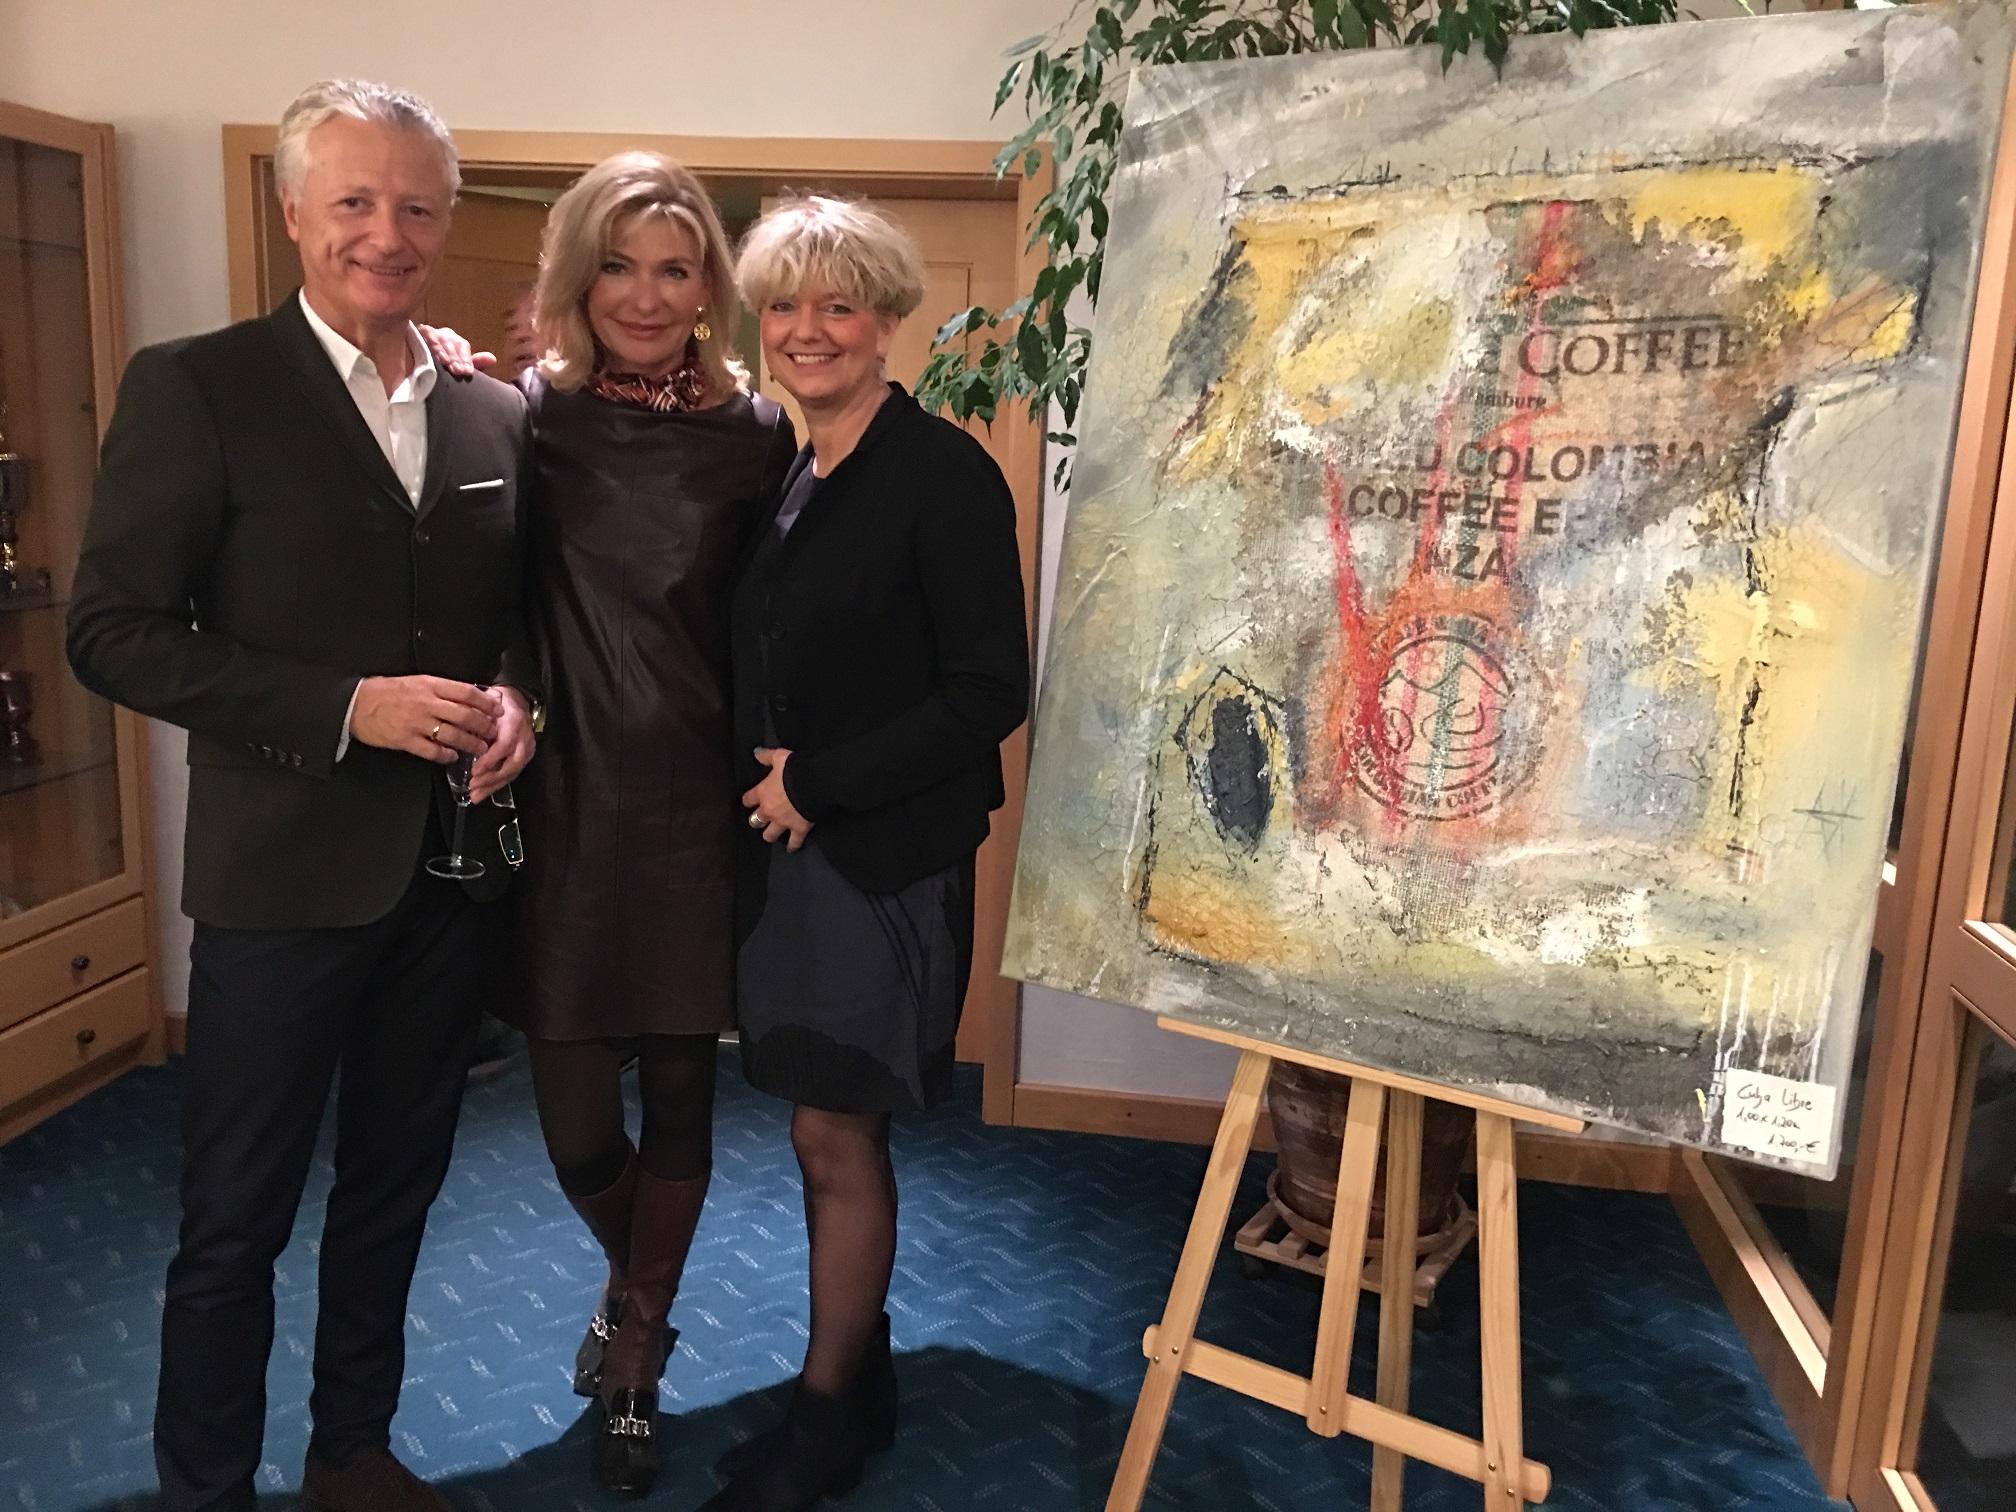 Die Künstlerin Petra Nowak (rechts) mit Jürgen Schaal, Vorstand Presse- und Öffentlichkeitsarbeit im Golfclub, und dessen Ehefrau Elisabeth Schaal.